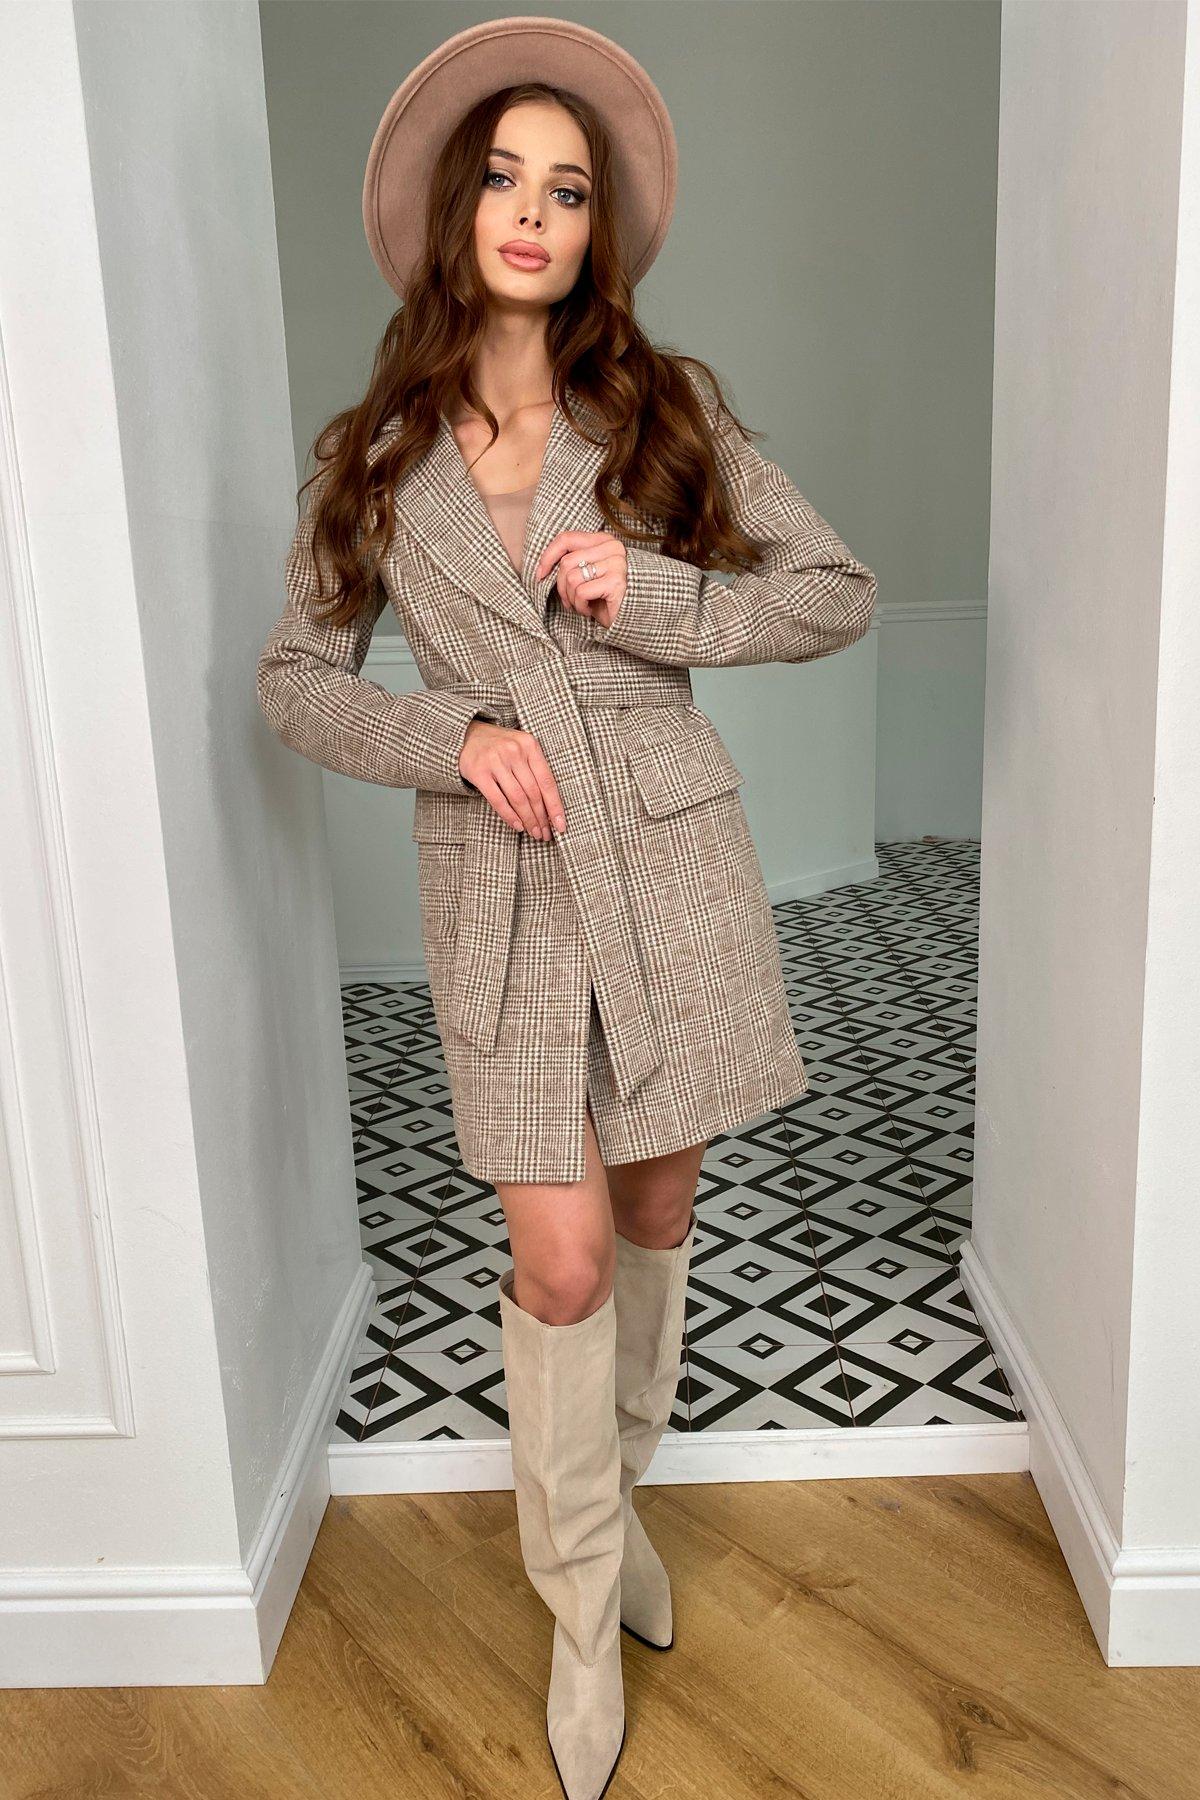 Корси клетка комби пальтовая ткань пальто 9893 АРТ. 46186 Цвет: Шоколад/молоко - фото 3, интернет магазин tm-modus.ru